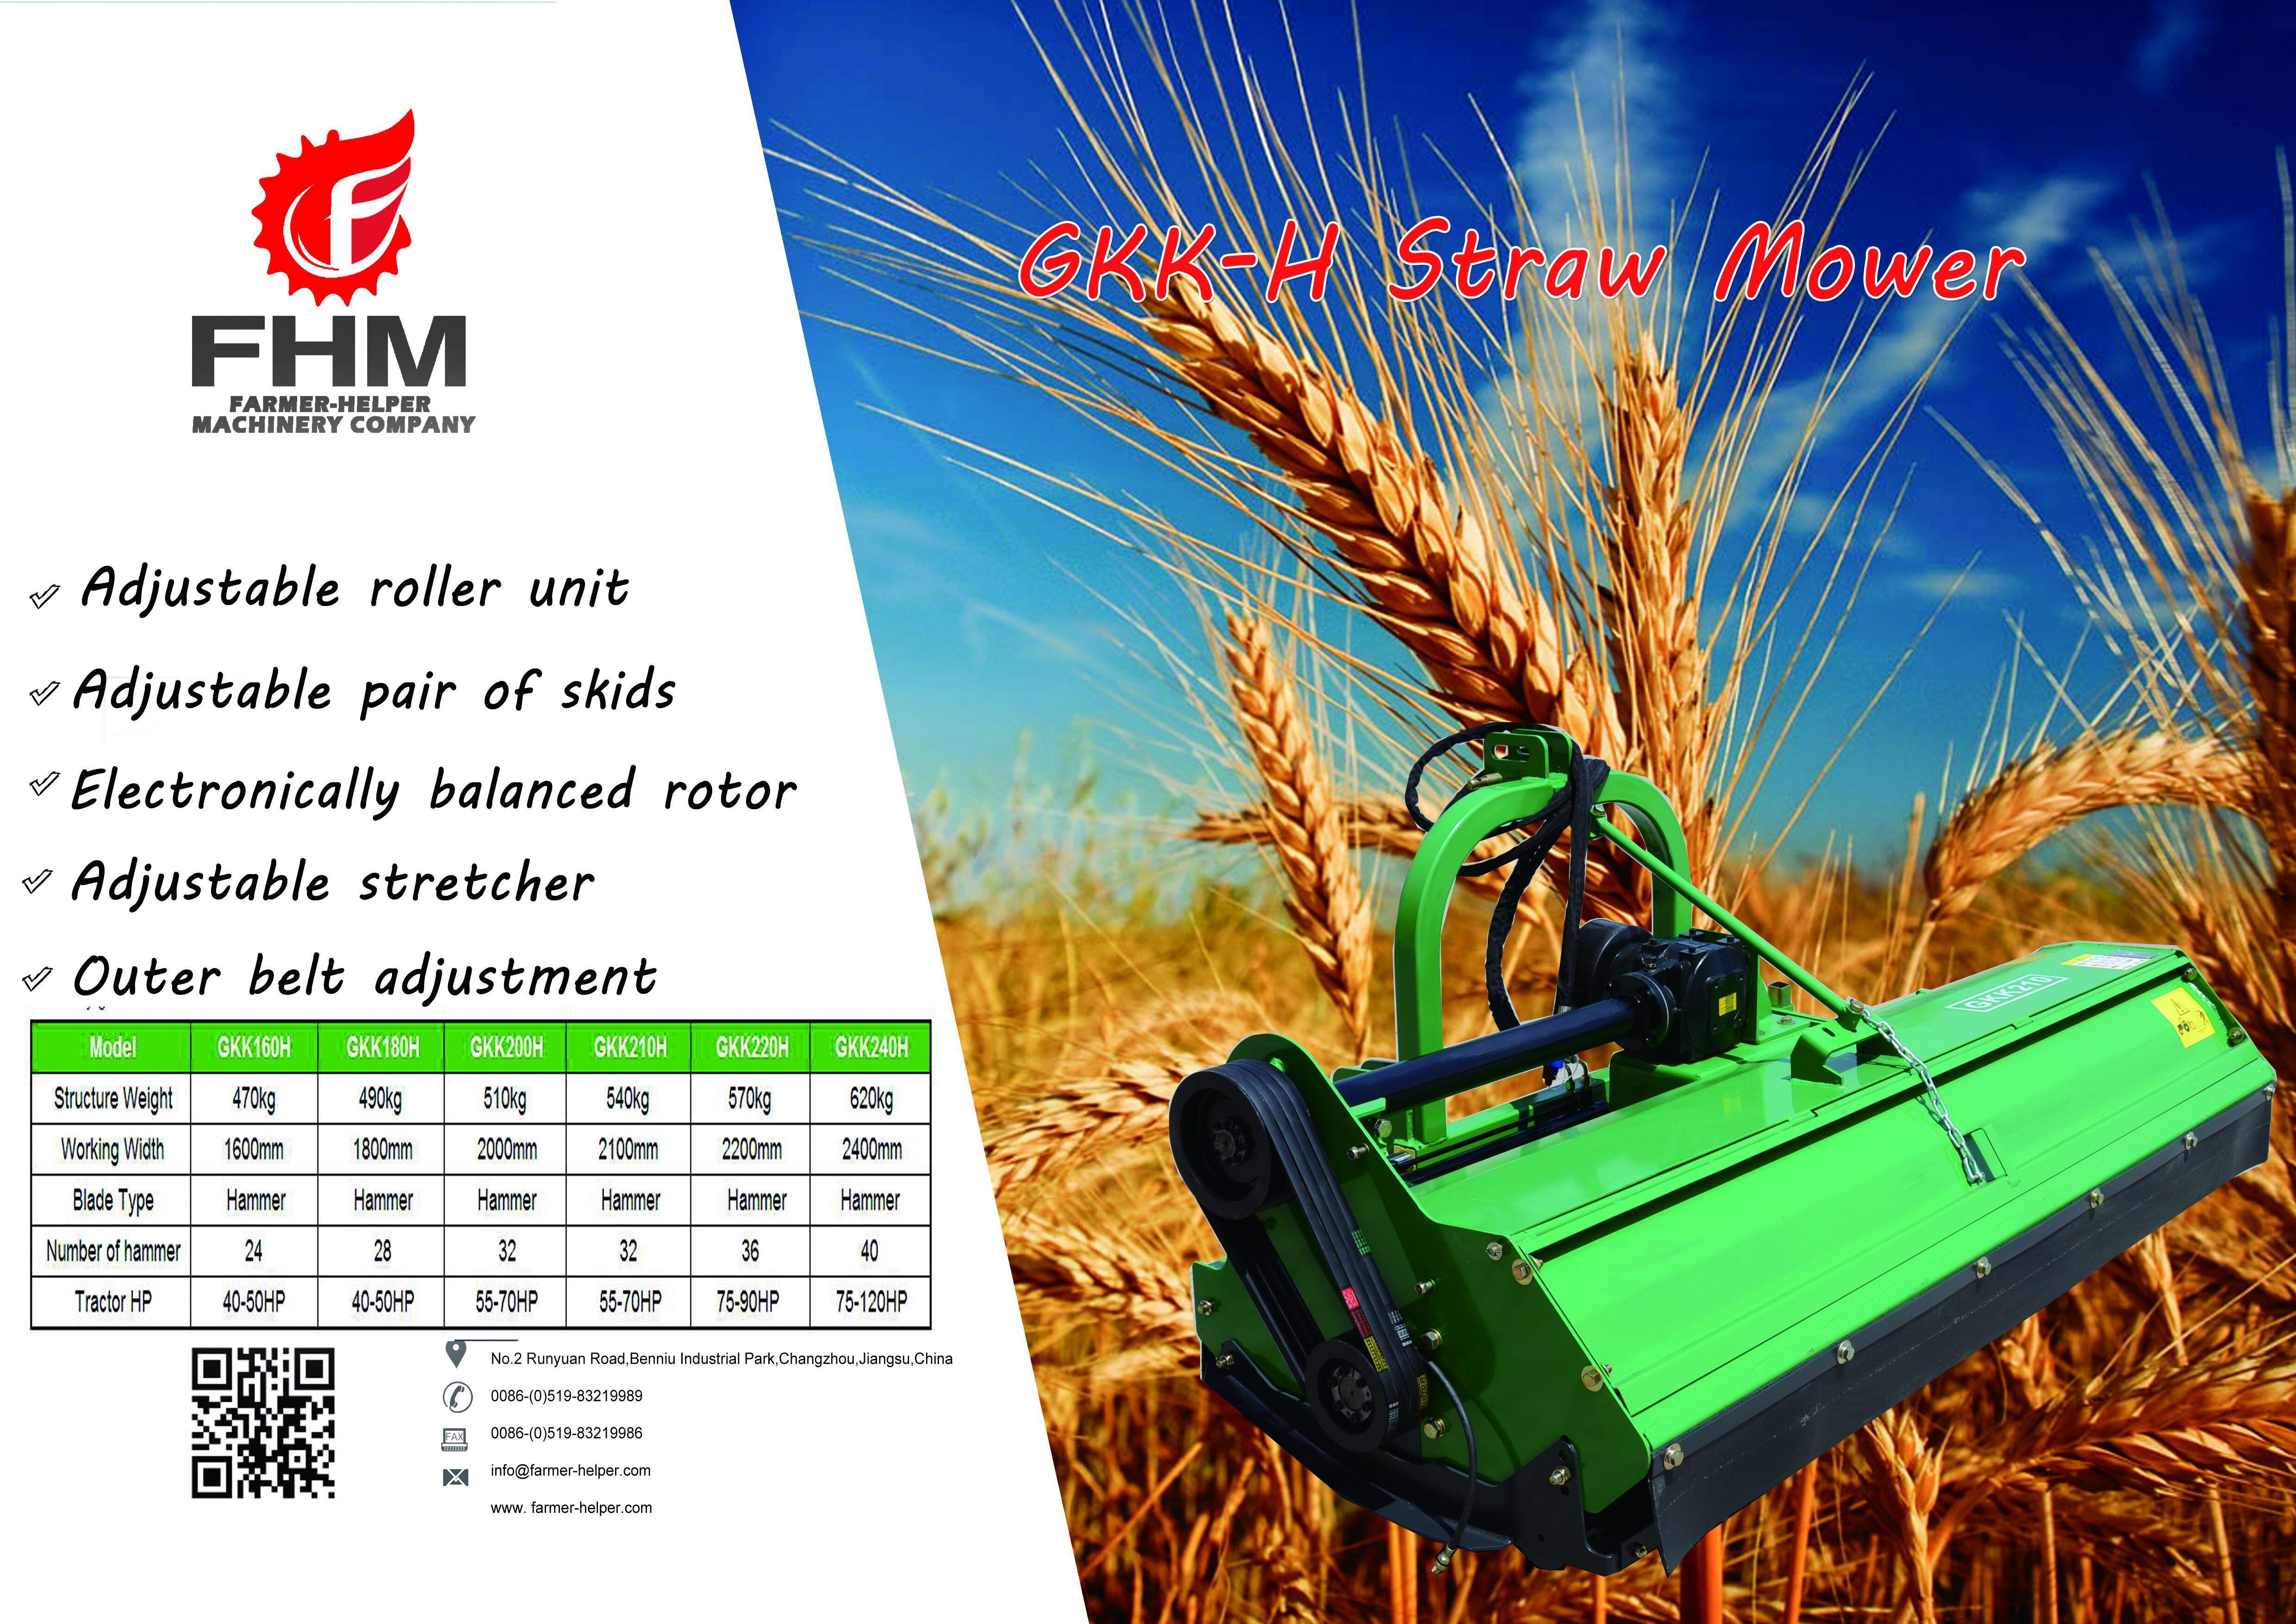 GKK-H Flail Mower Straw Mower | Mower | Farmer, Store